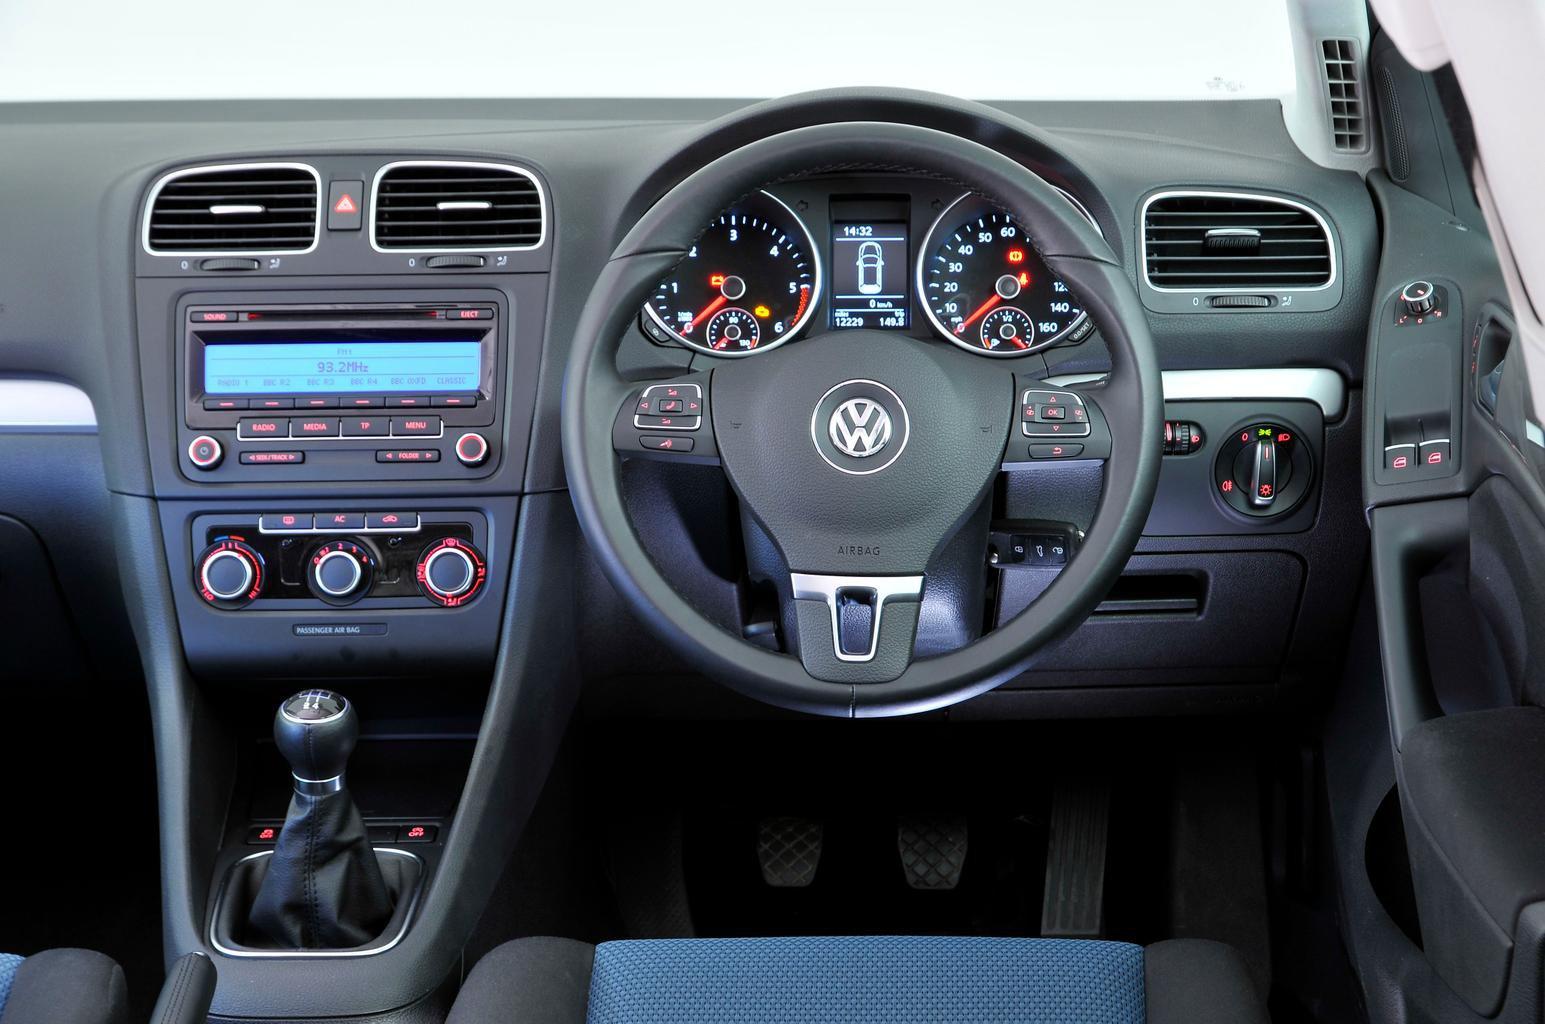 Used test: BMW 1 Series vs Lexus CT200h vs Volkswagen Golf vs Volvo V40